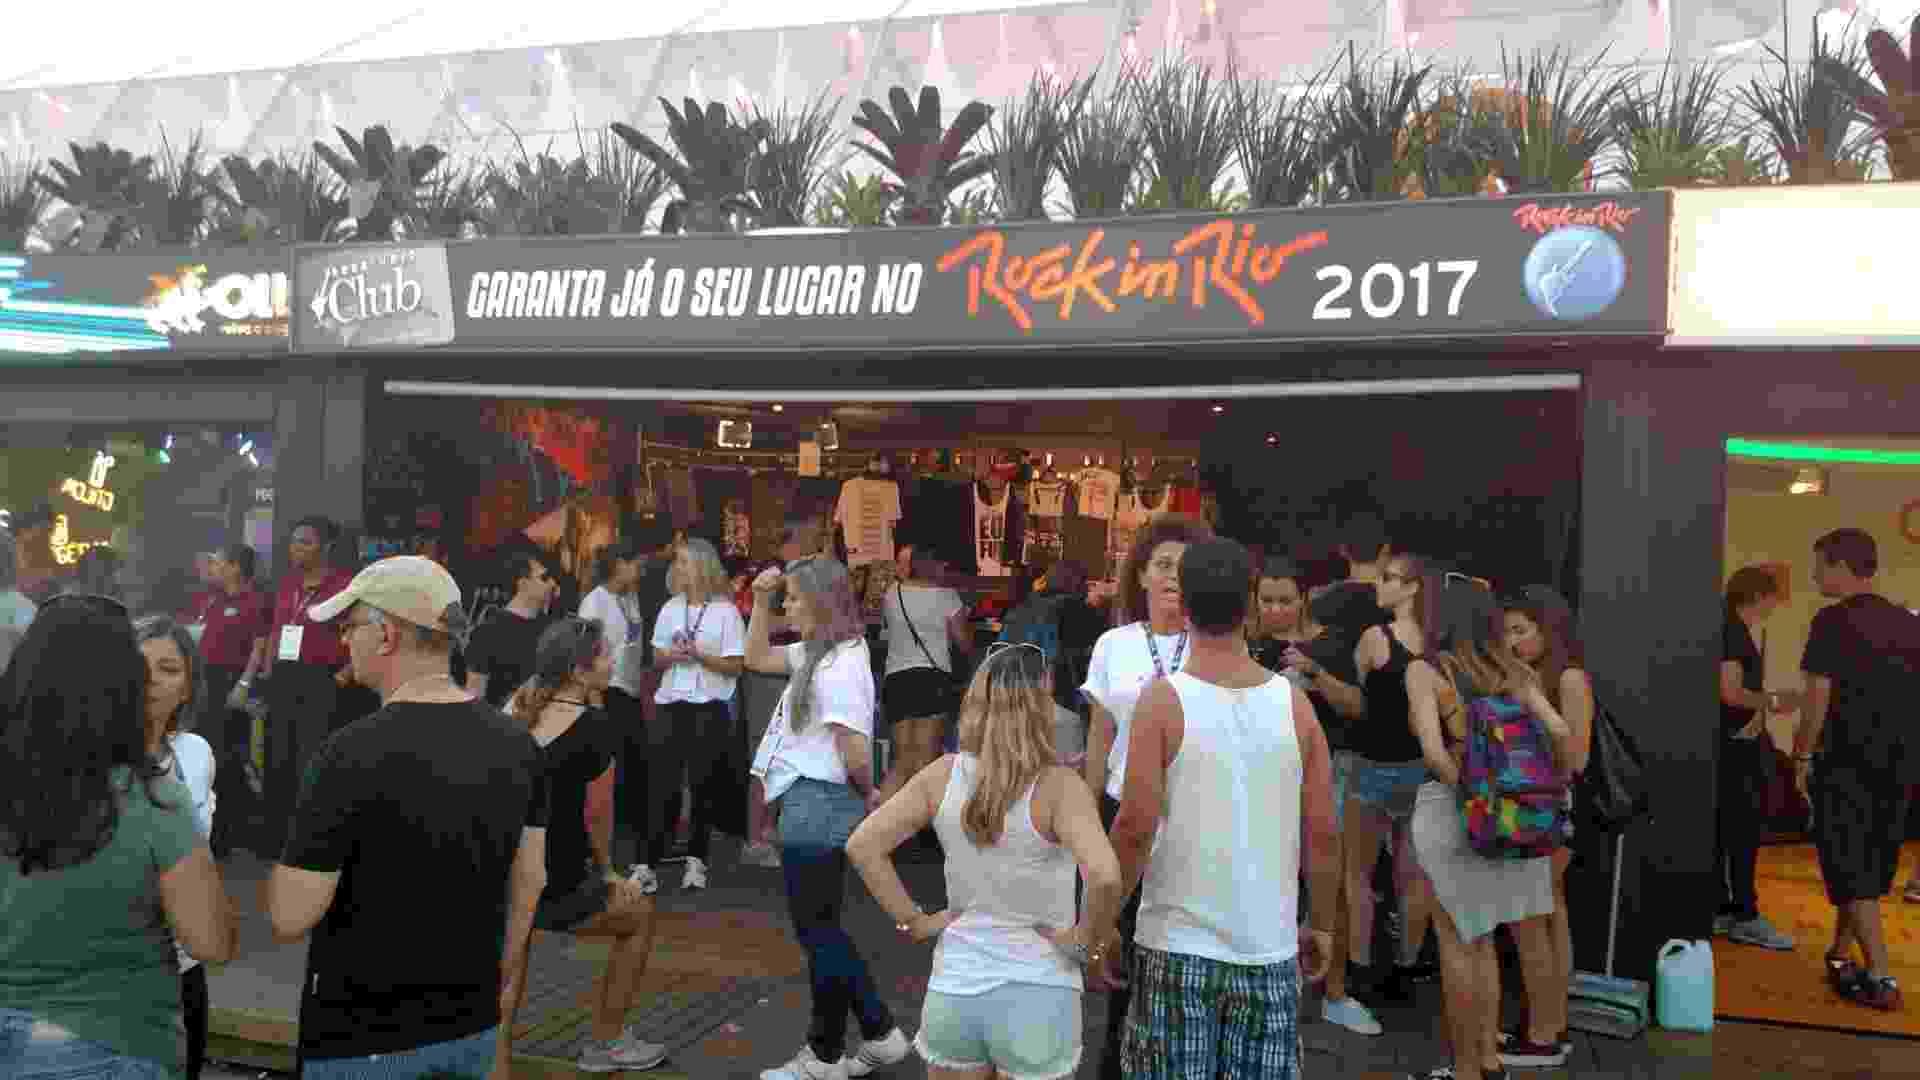 18.set.2015 - Fãs faz fila para a pré-venda do Rock in Rio 2017, com ingressos por R$ 79,90 para o festival que acontecerá dentro de dois anos. - Leonardo Rodrigues/UOL